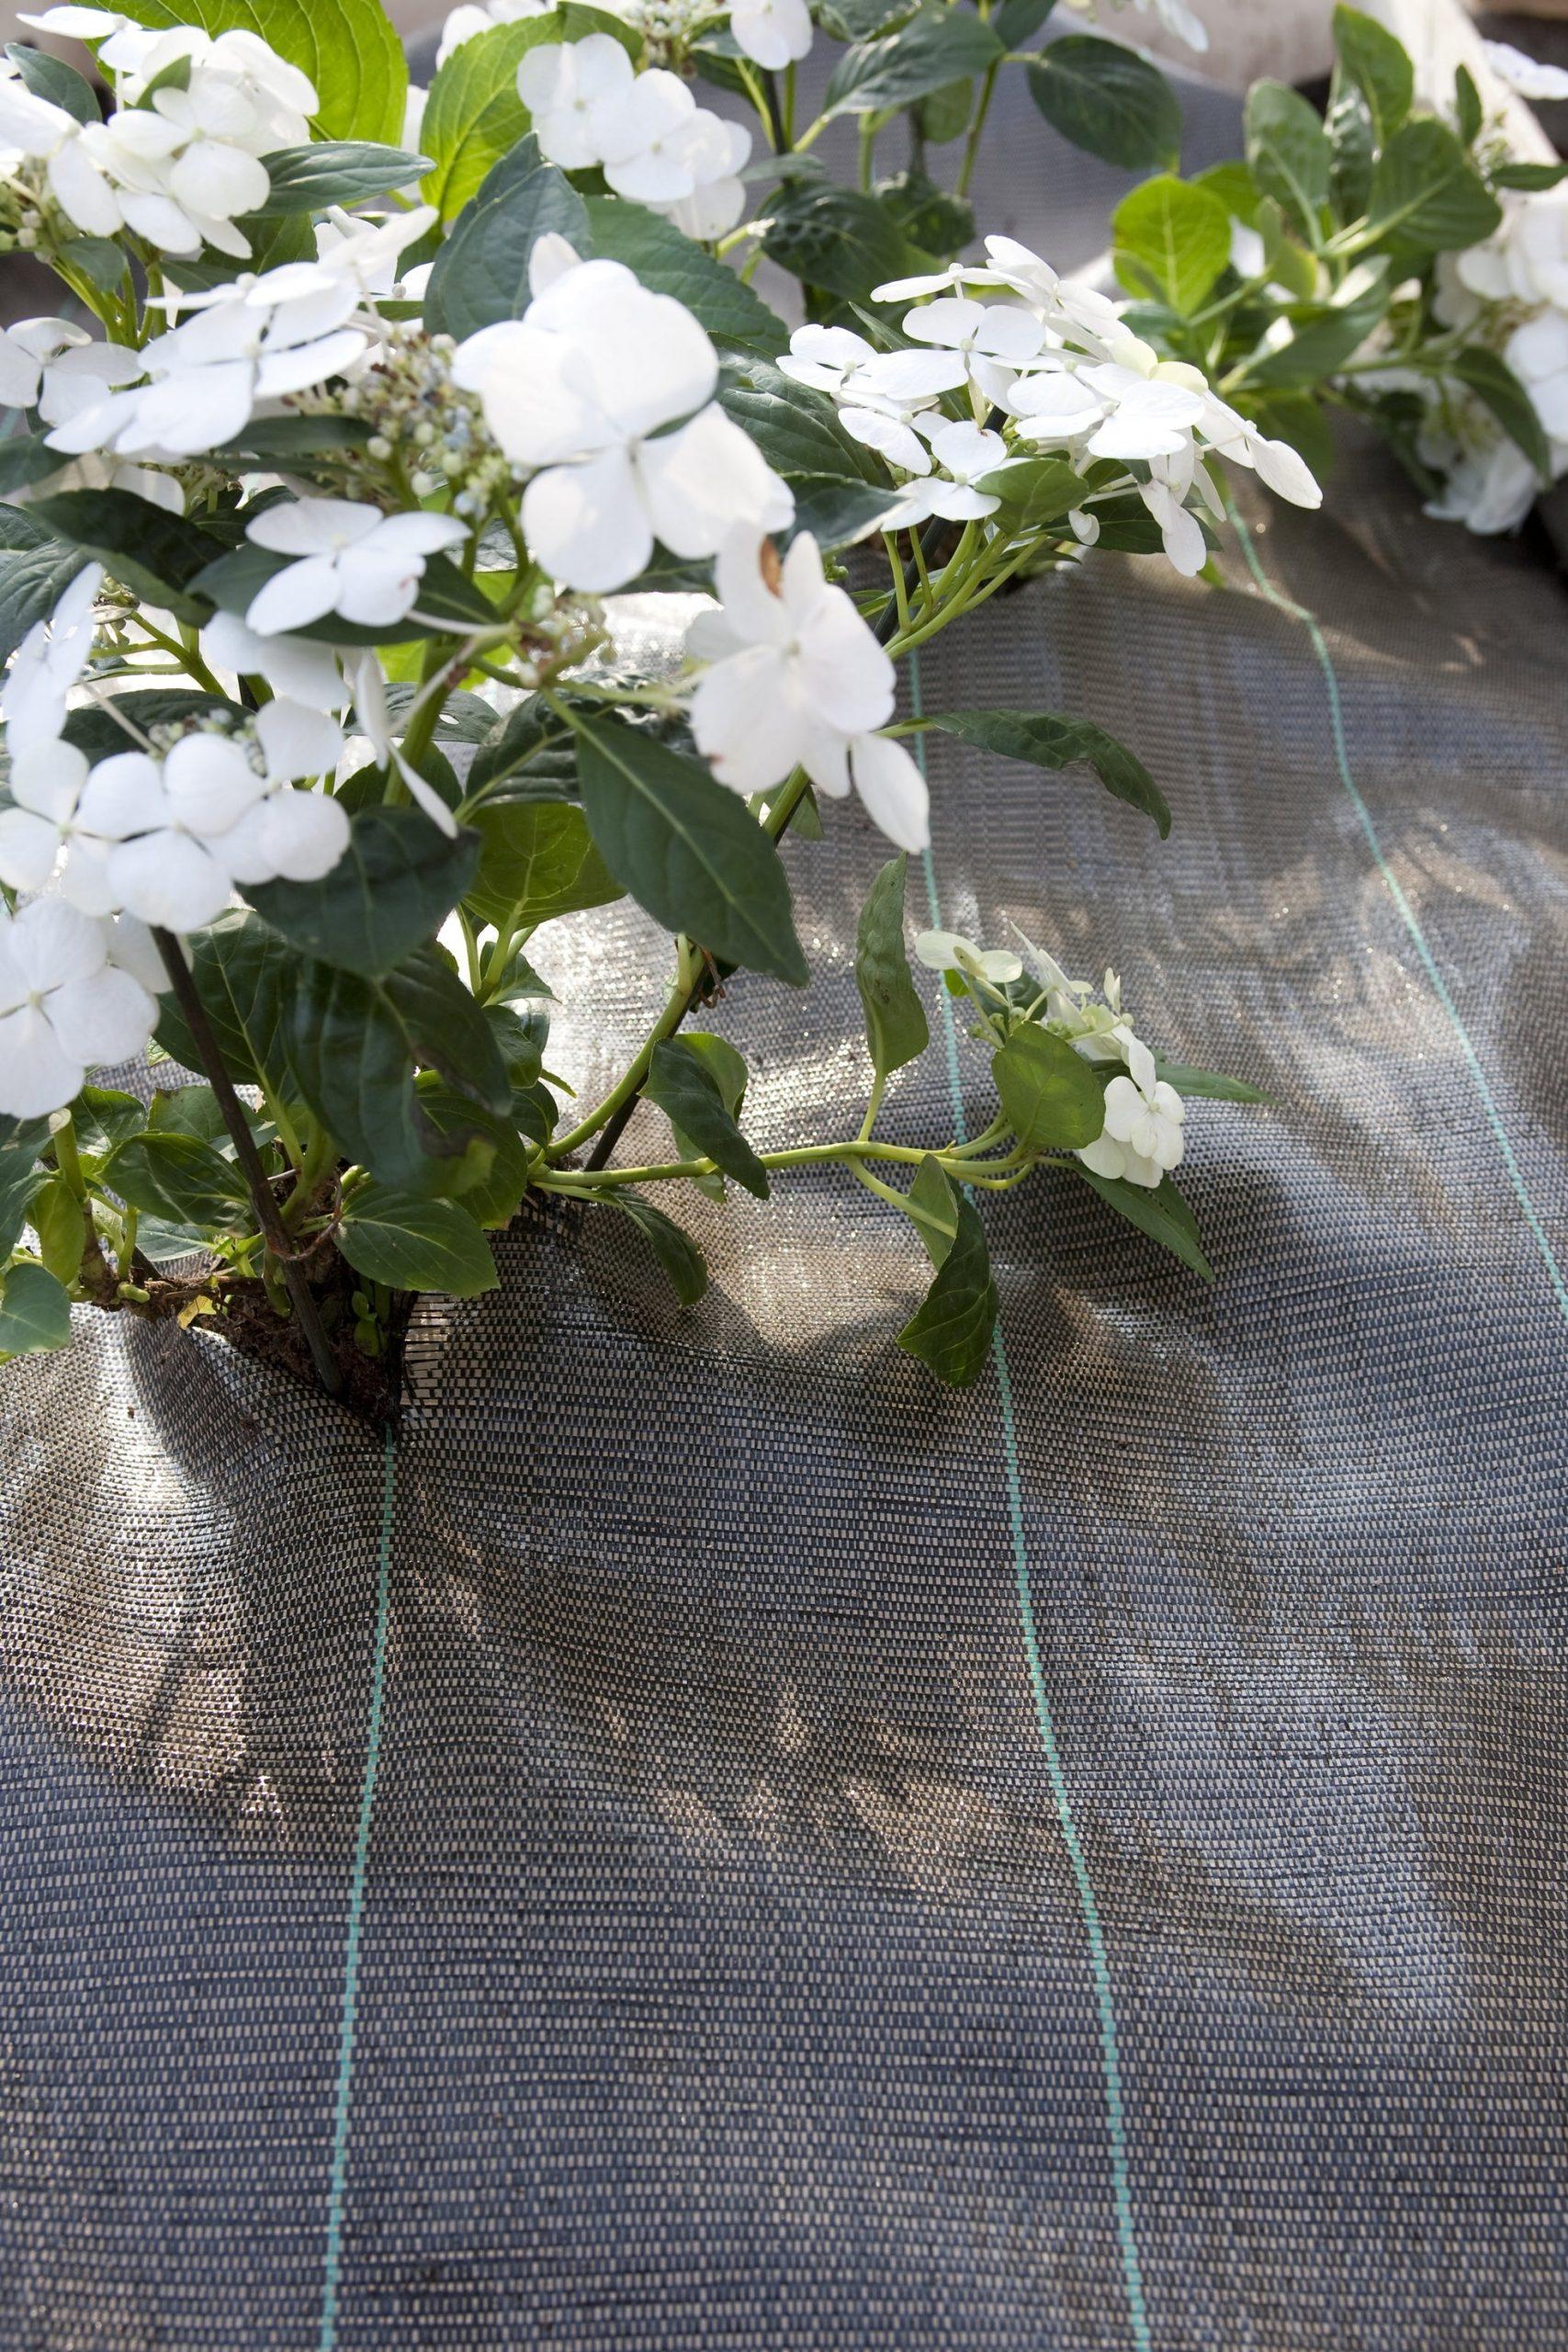 Jardin Protection Des Plantes Et Lutte Contre Les Nuisibles ... destiné Bache Mauvaise Herbe Jardin